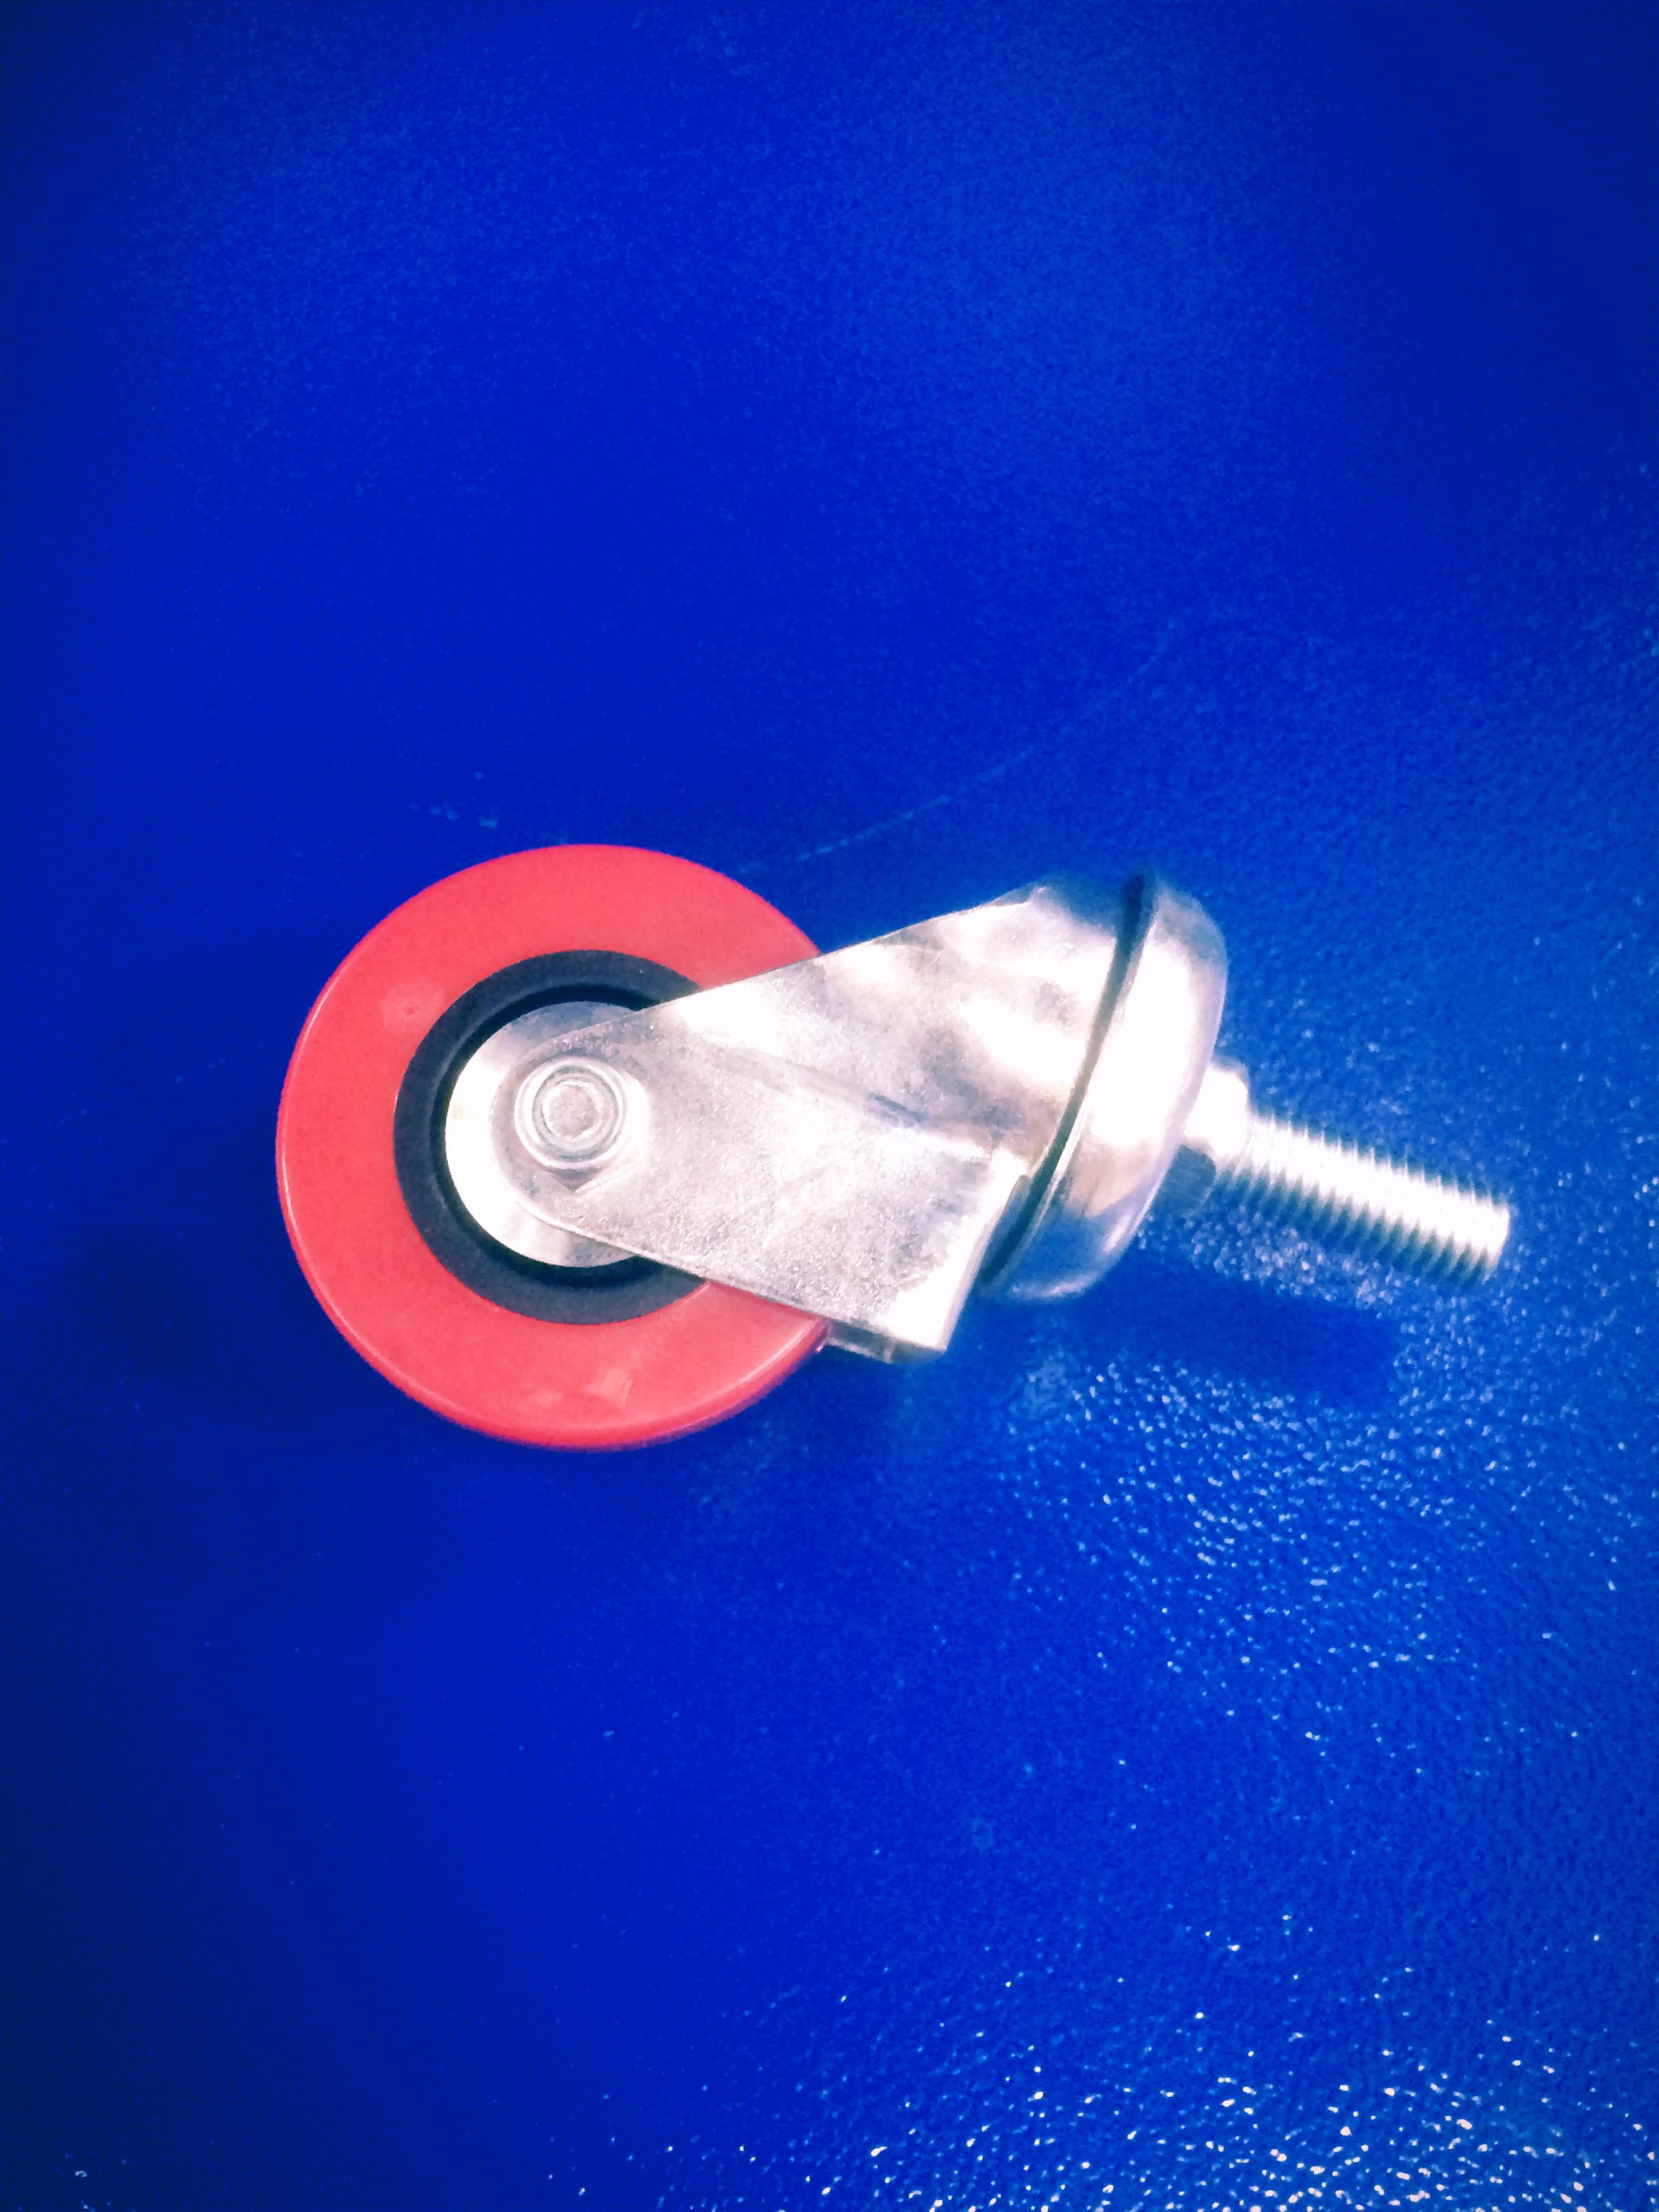 колесо поворотное (болтовое крепление) опорное купить в новосибирске